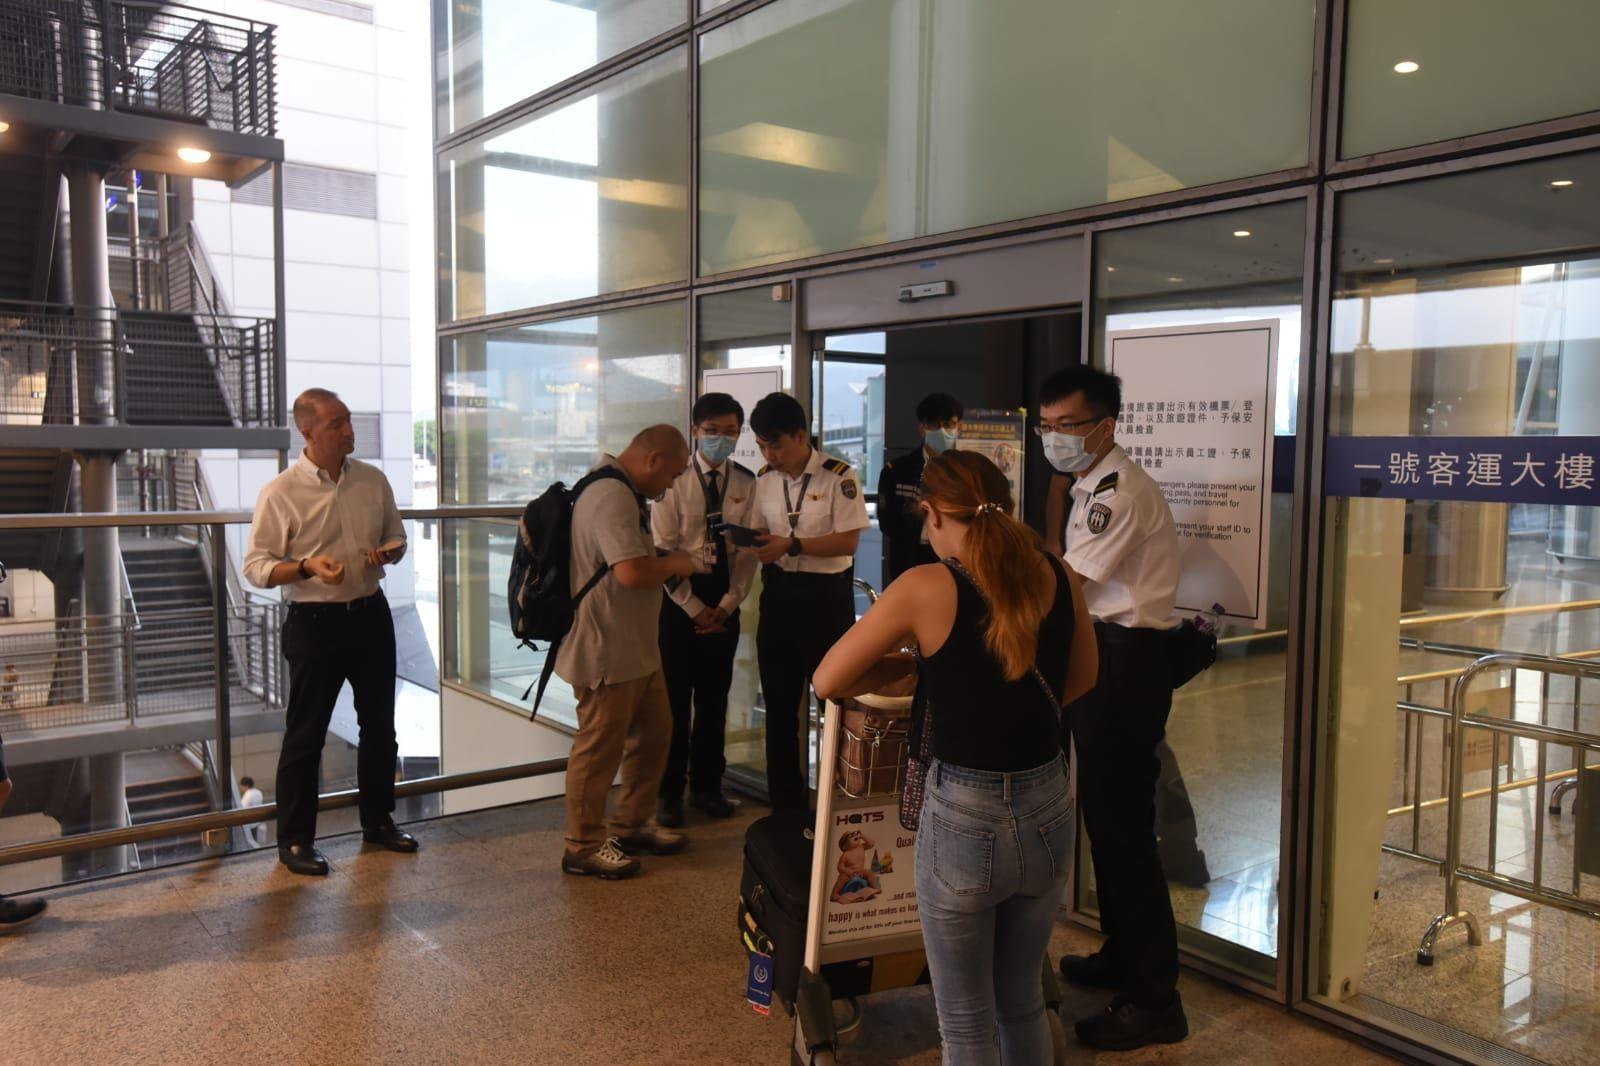 機場保安人員檢查進入大樓人士的證件及機票